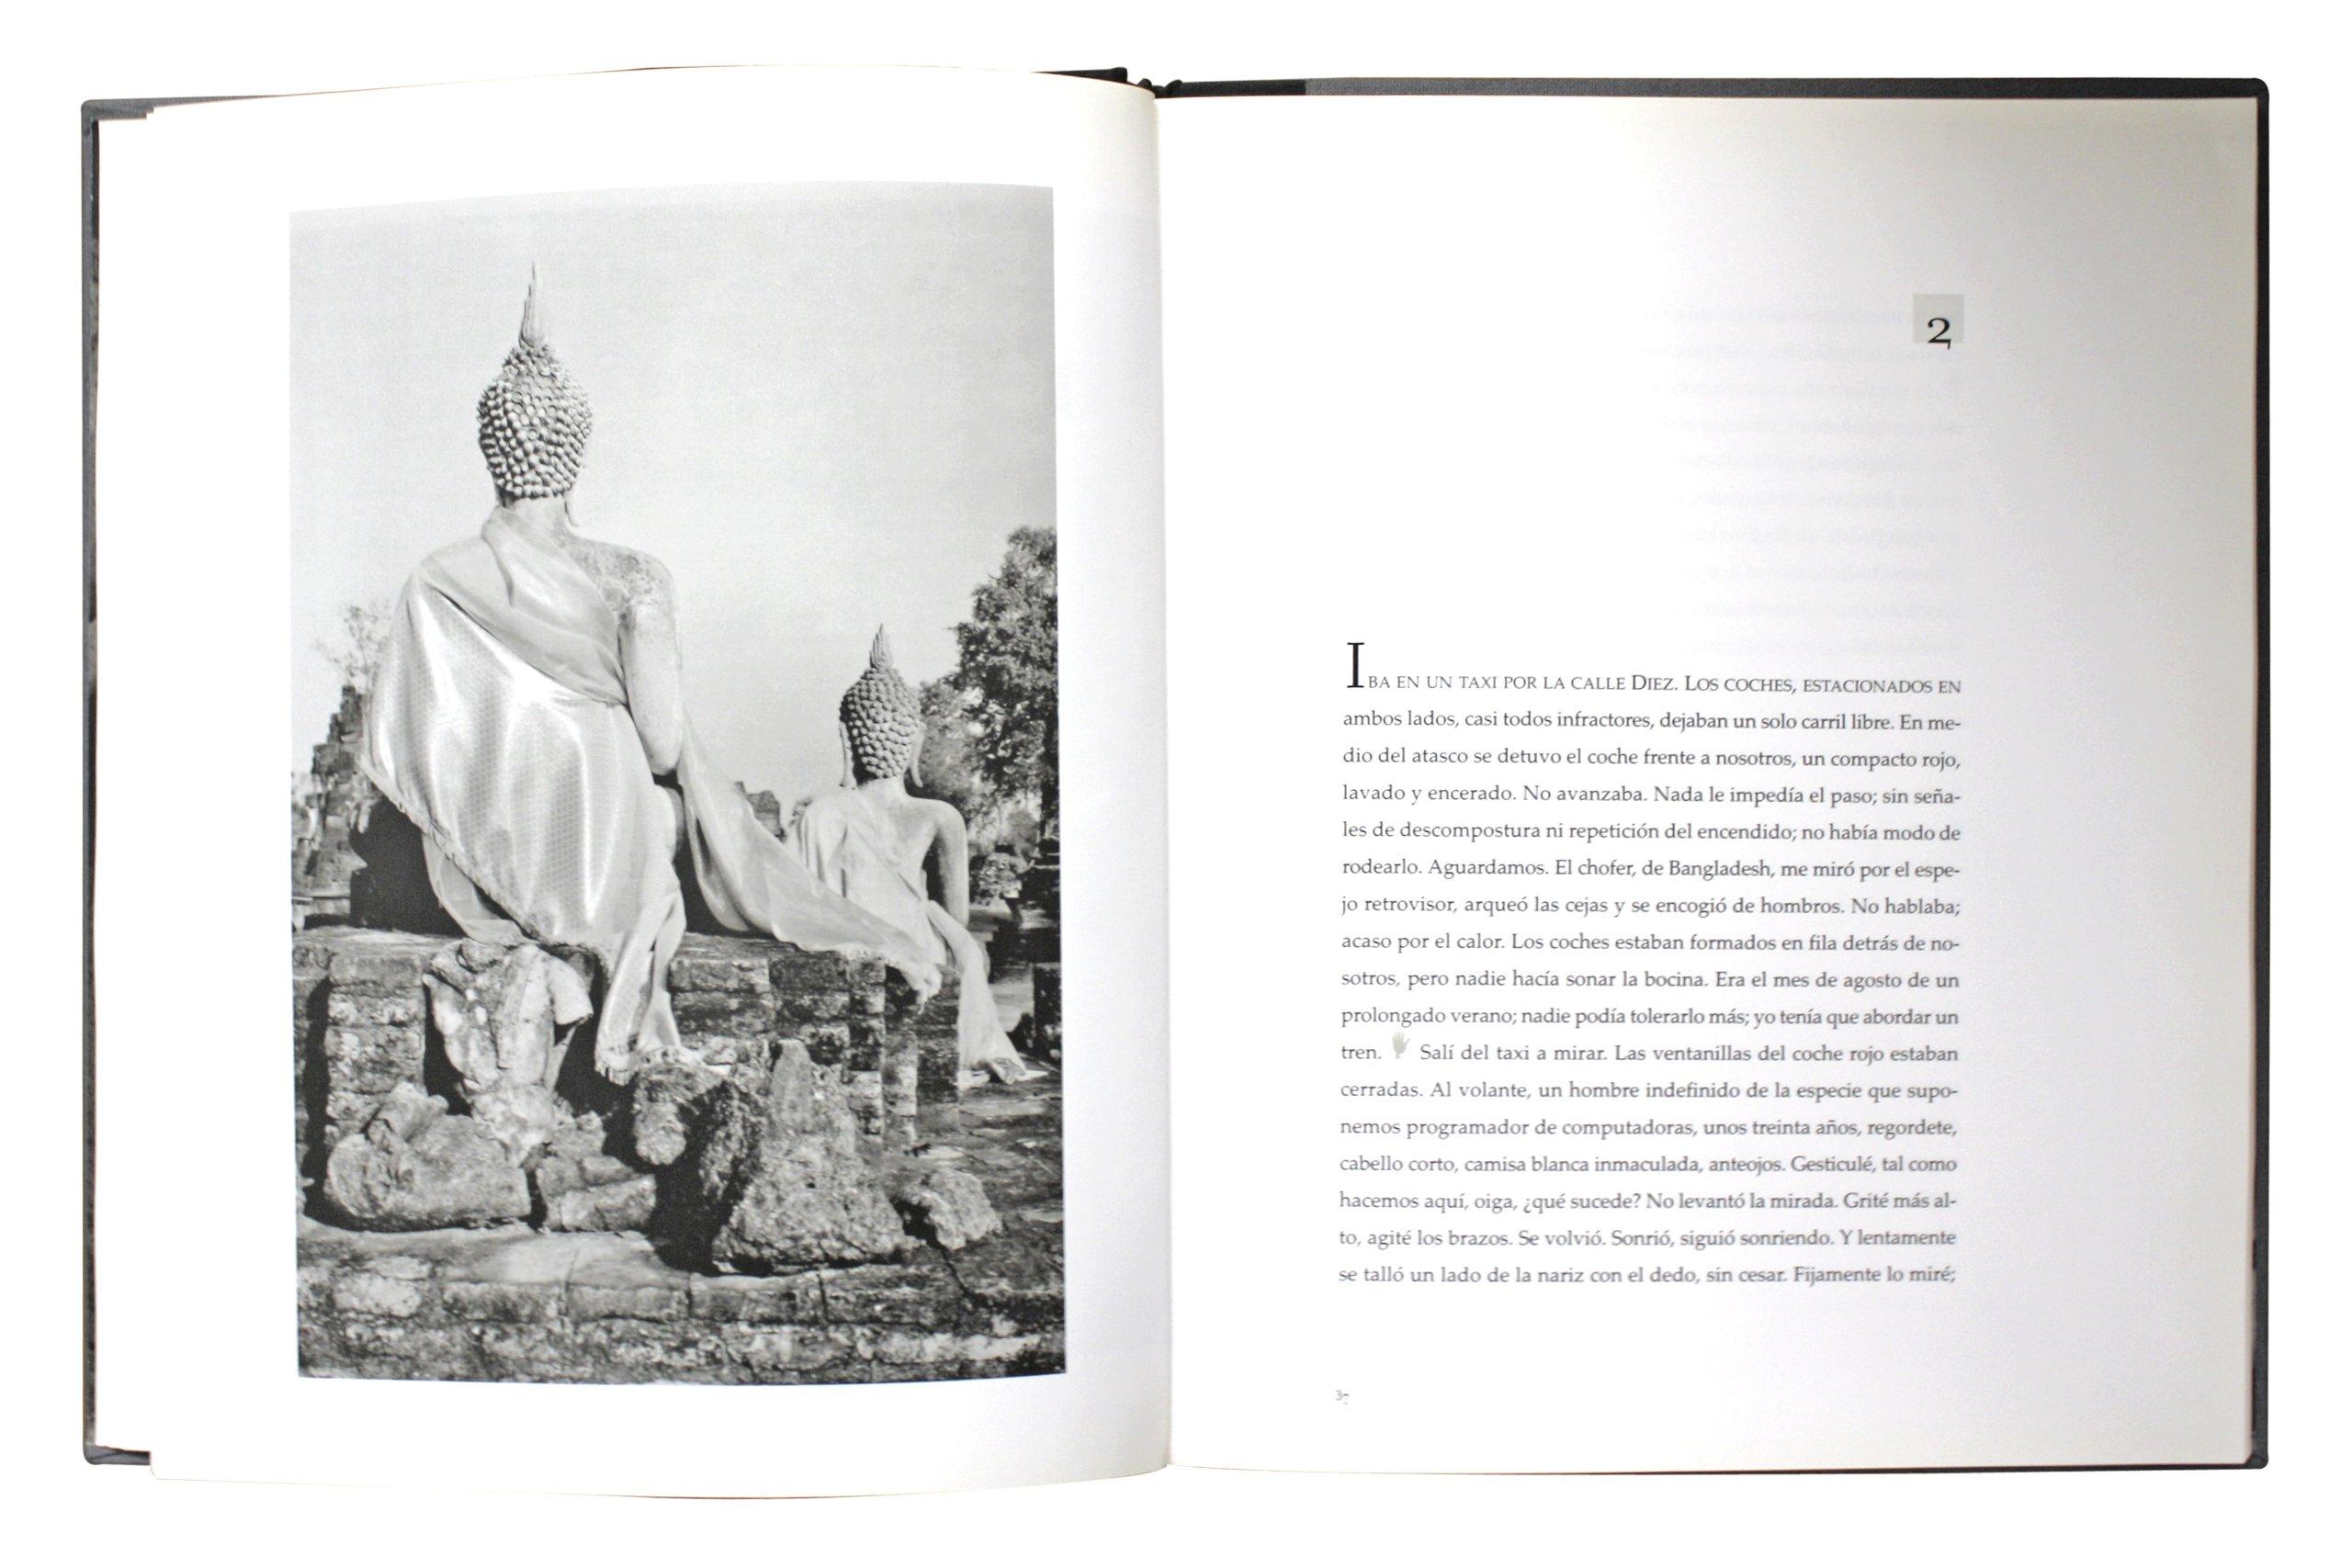 Rastros Karmicos/ Karmic Traces: Amazon.es: Libros